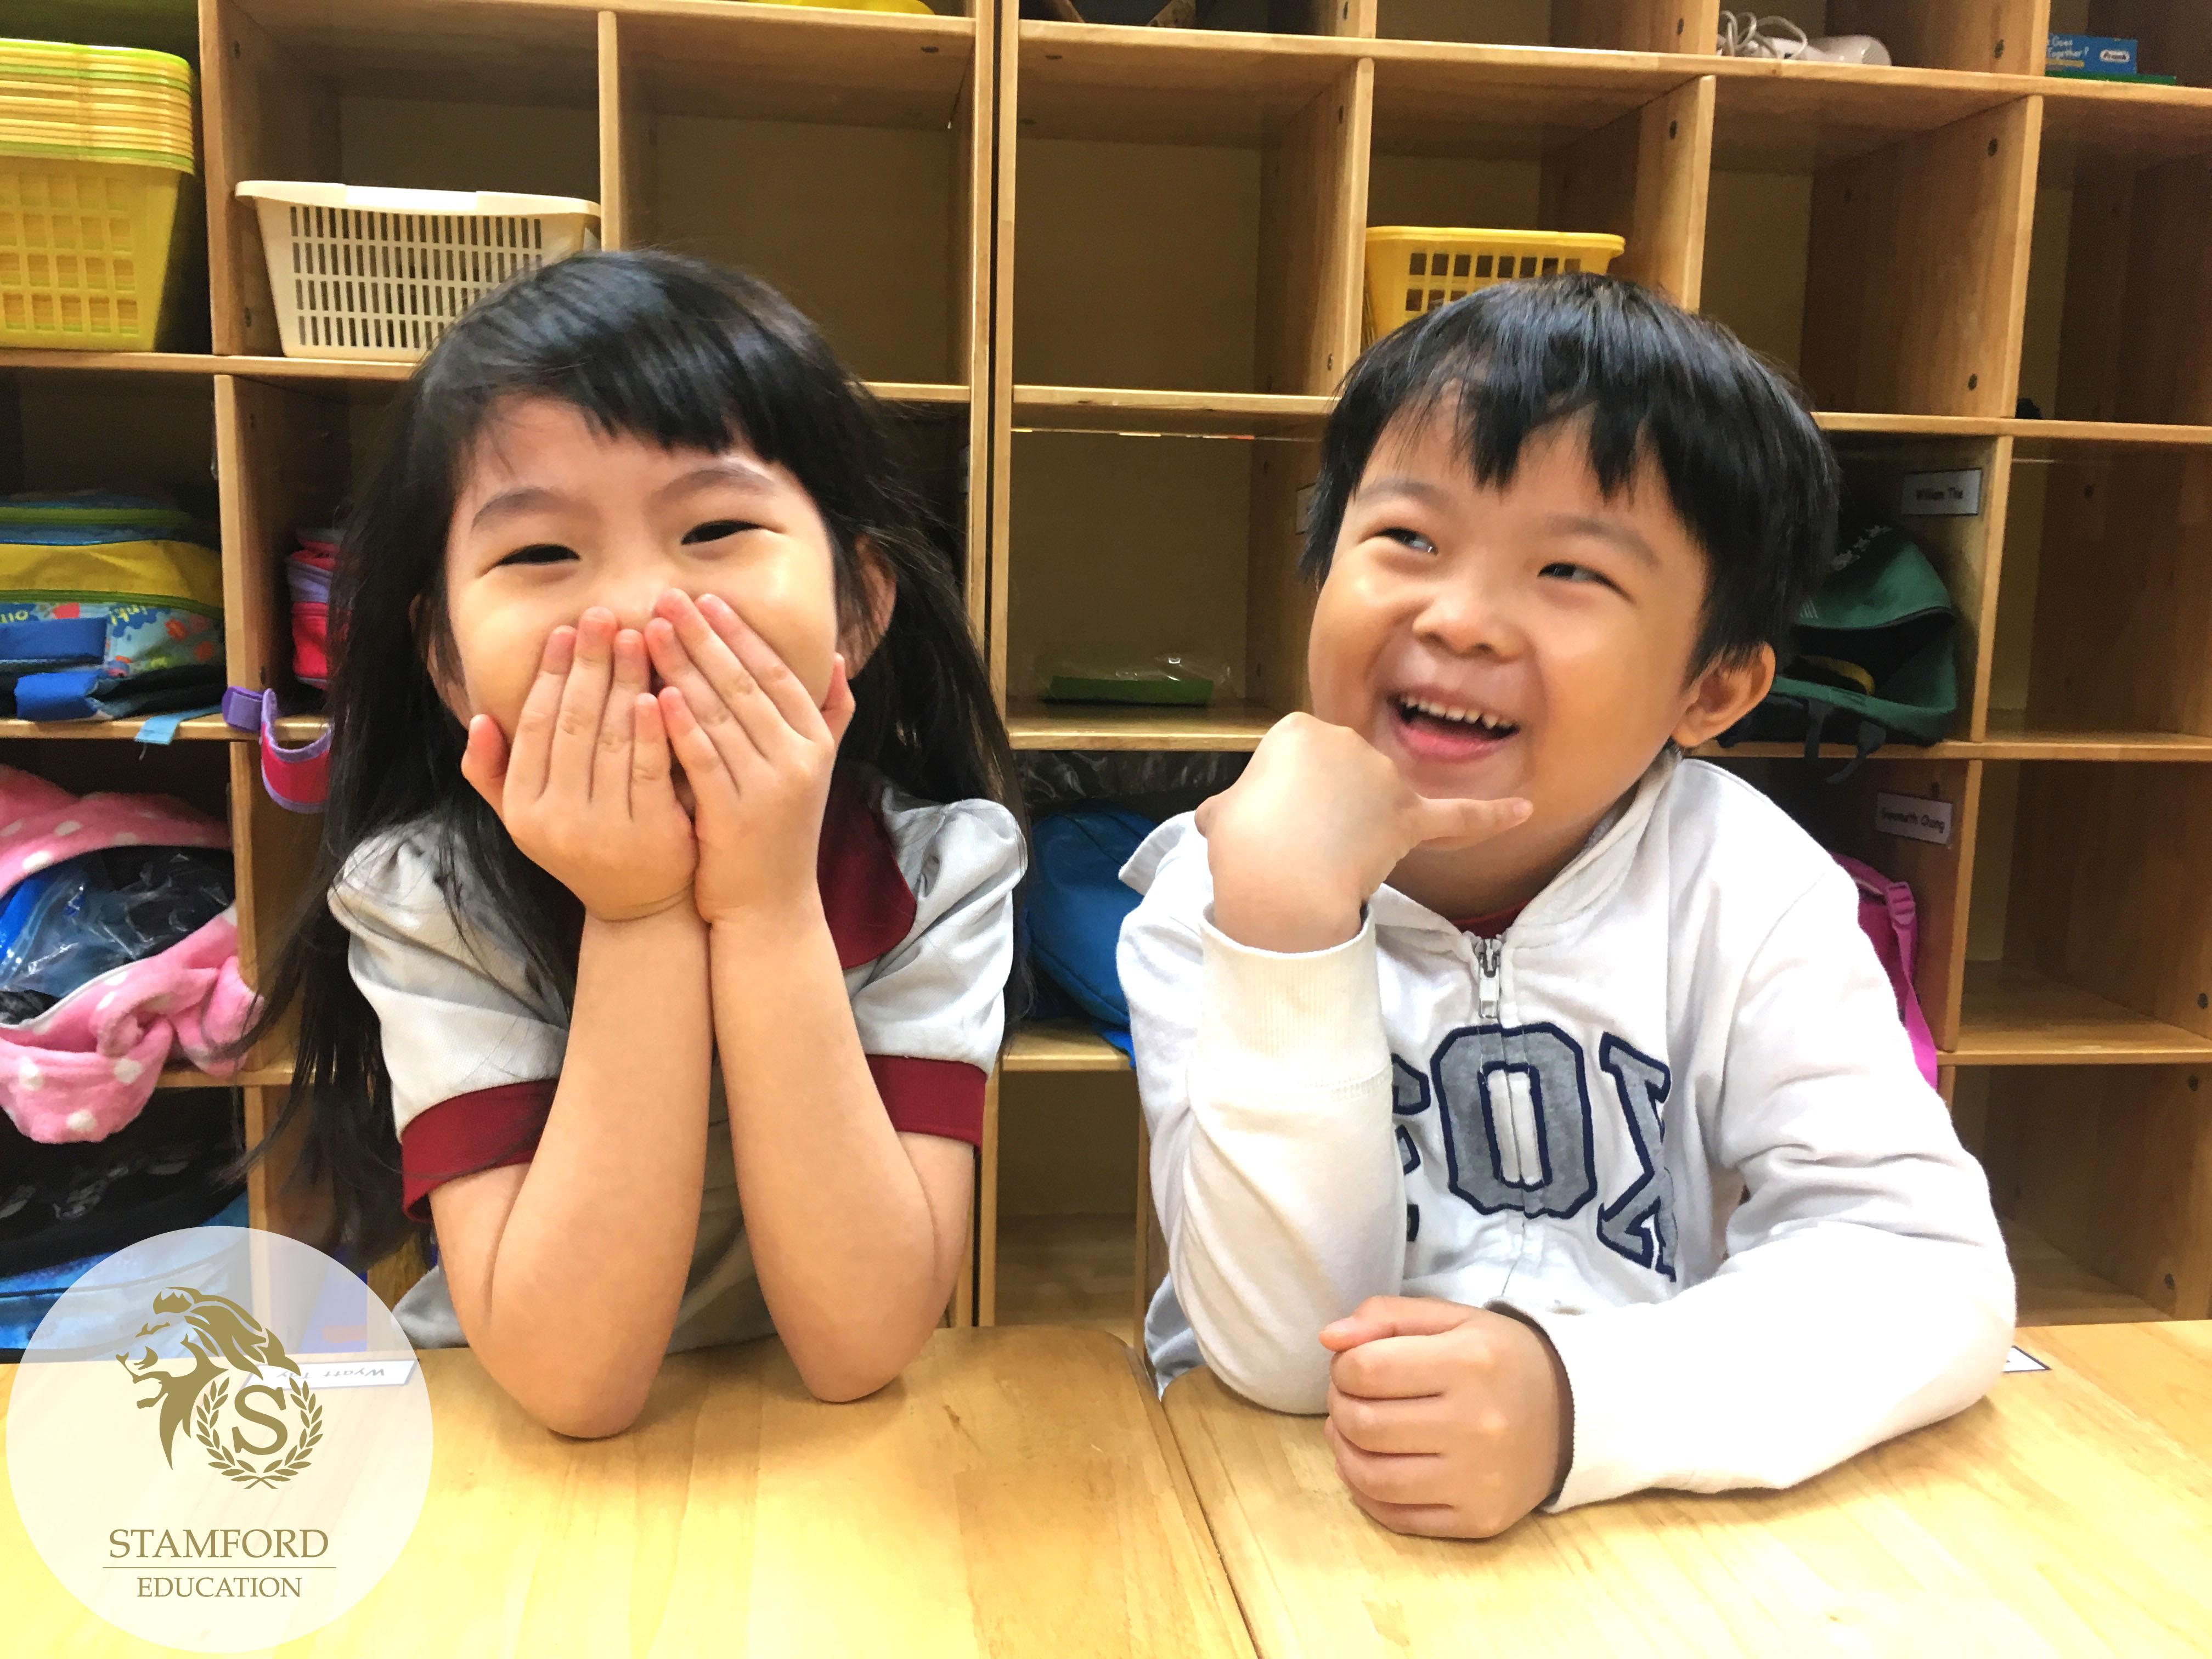 Stamford Education Childcare Kindergarten Preschool Enrichment Children Development